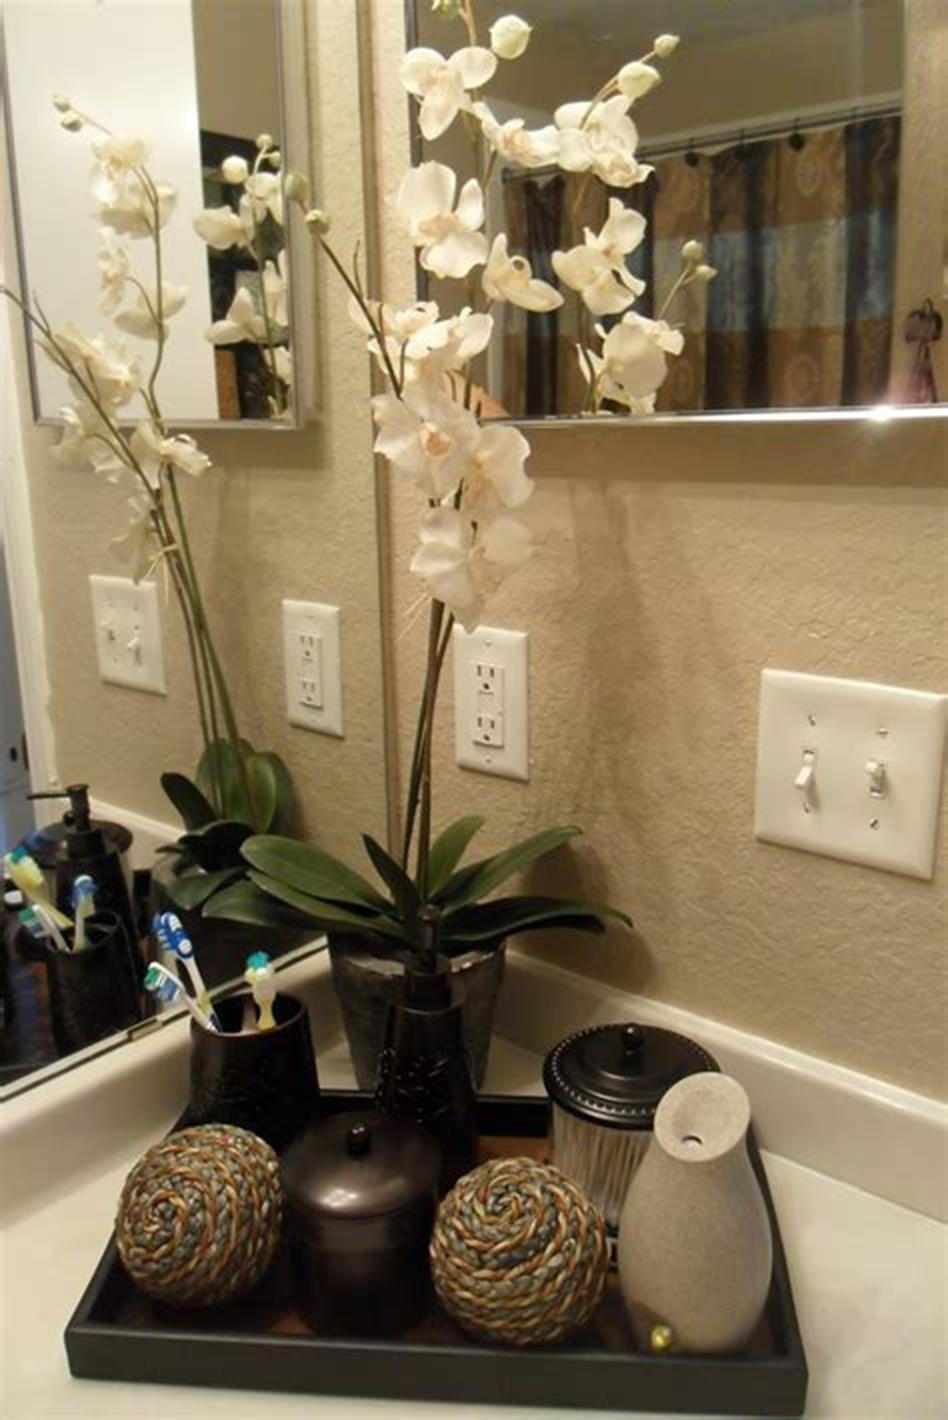 40 Beautiful Bathroom Vanity Tray Decor Ideas Decorecent Unique Bathroom Decor Bathroom Counter Decor Guest Bathroom Decor